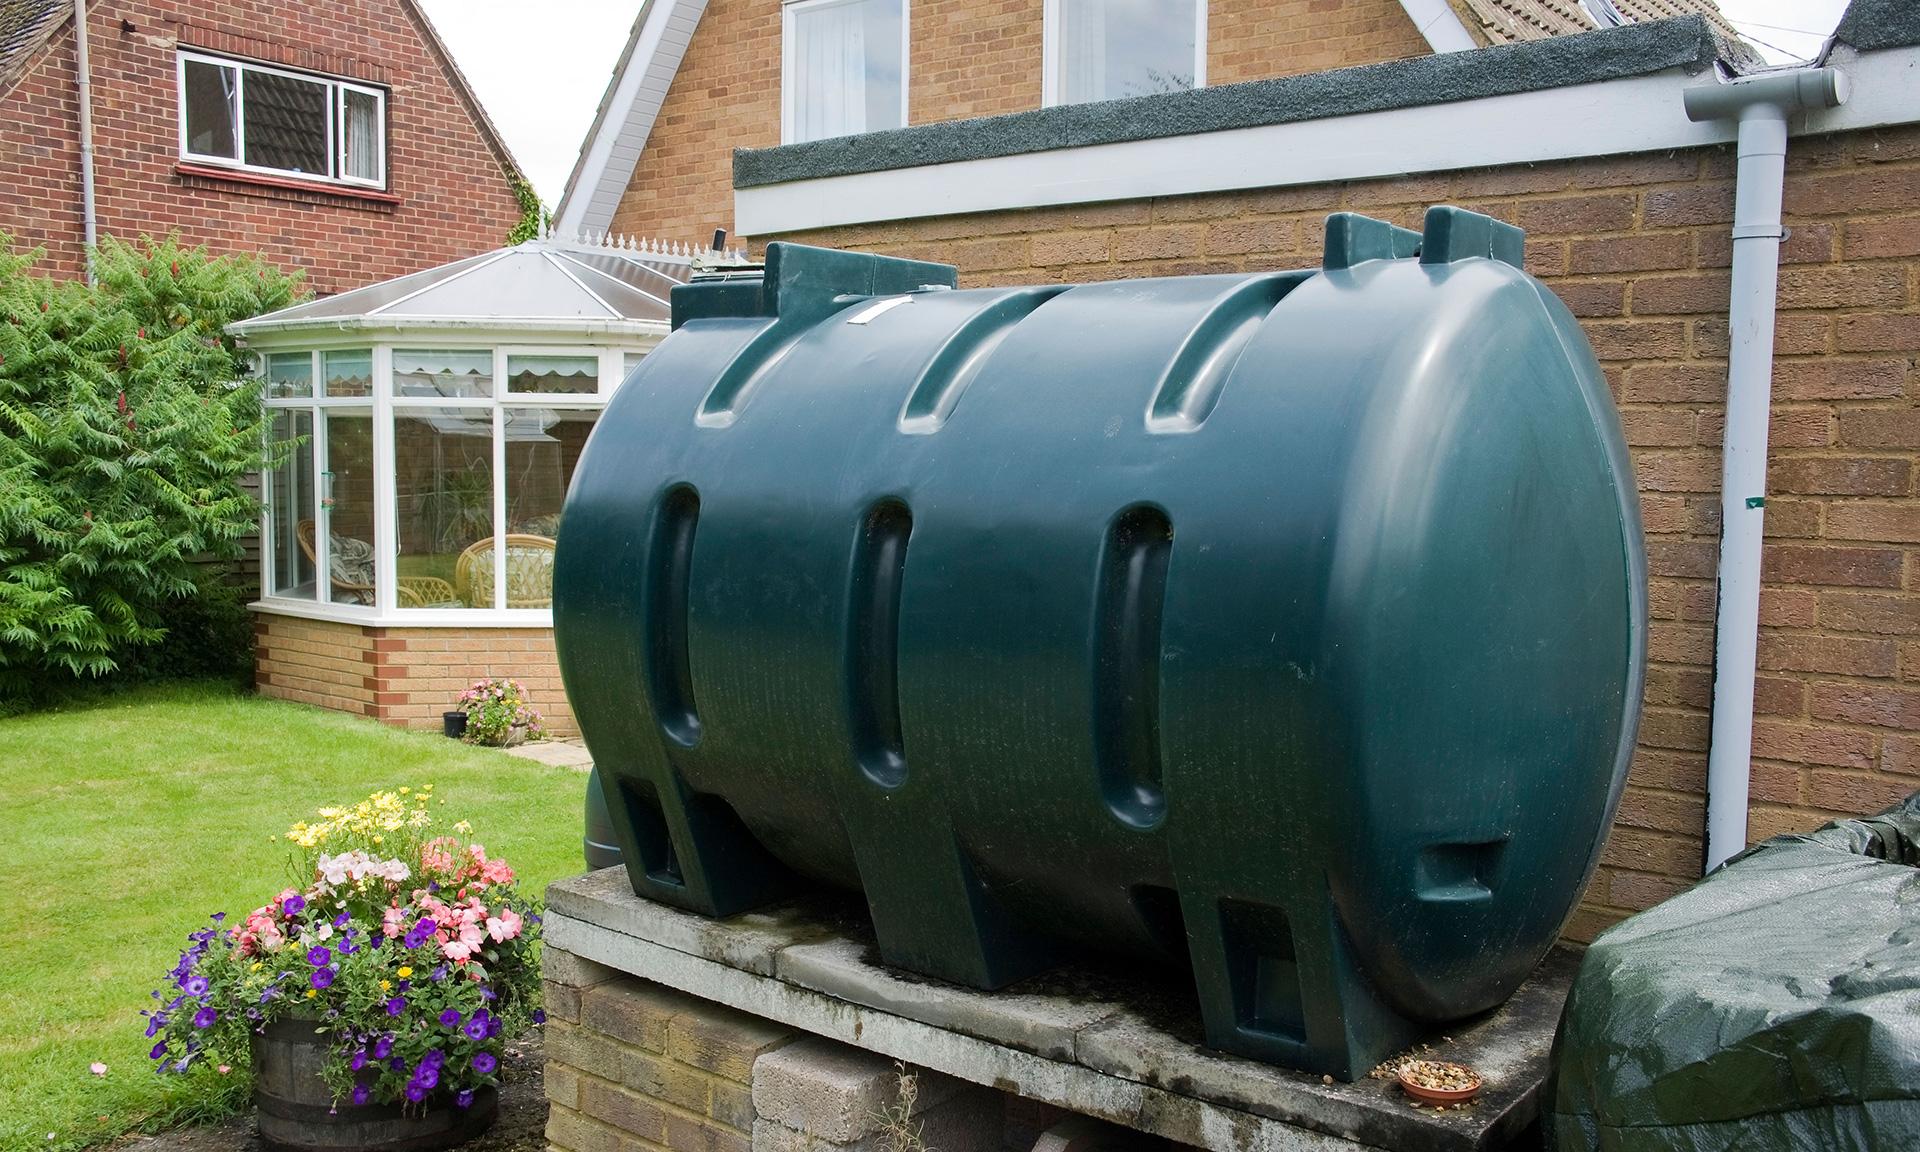 heating oil tank in a garden